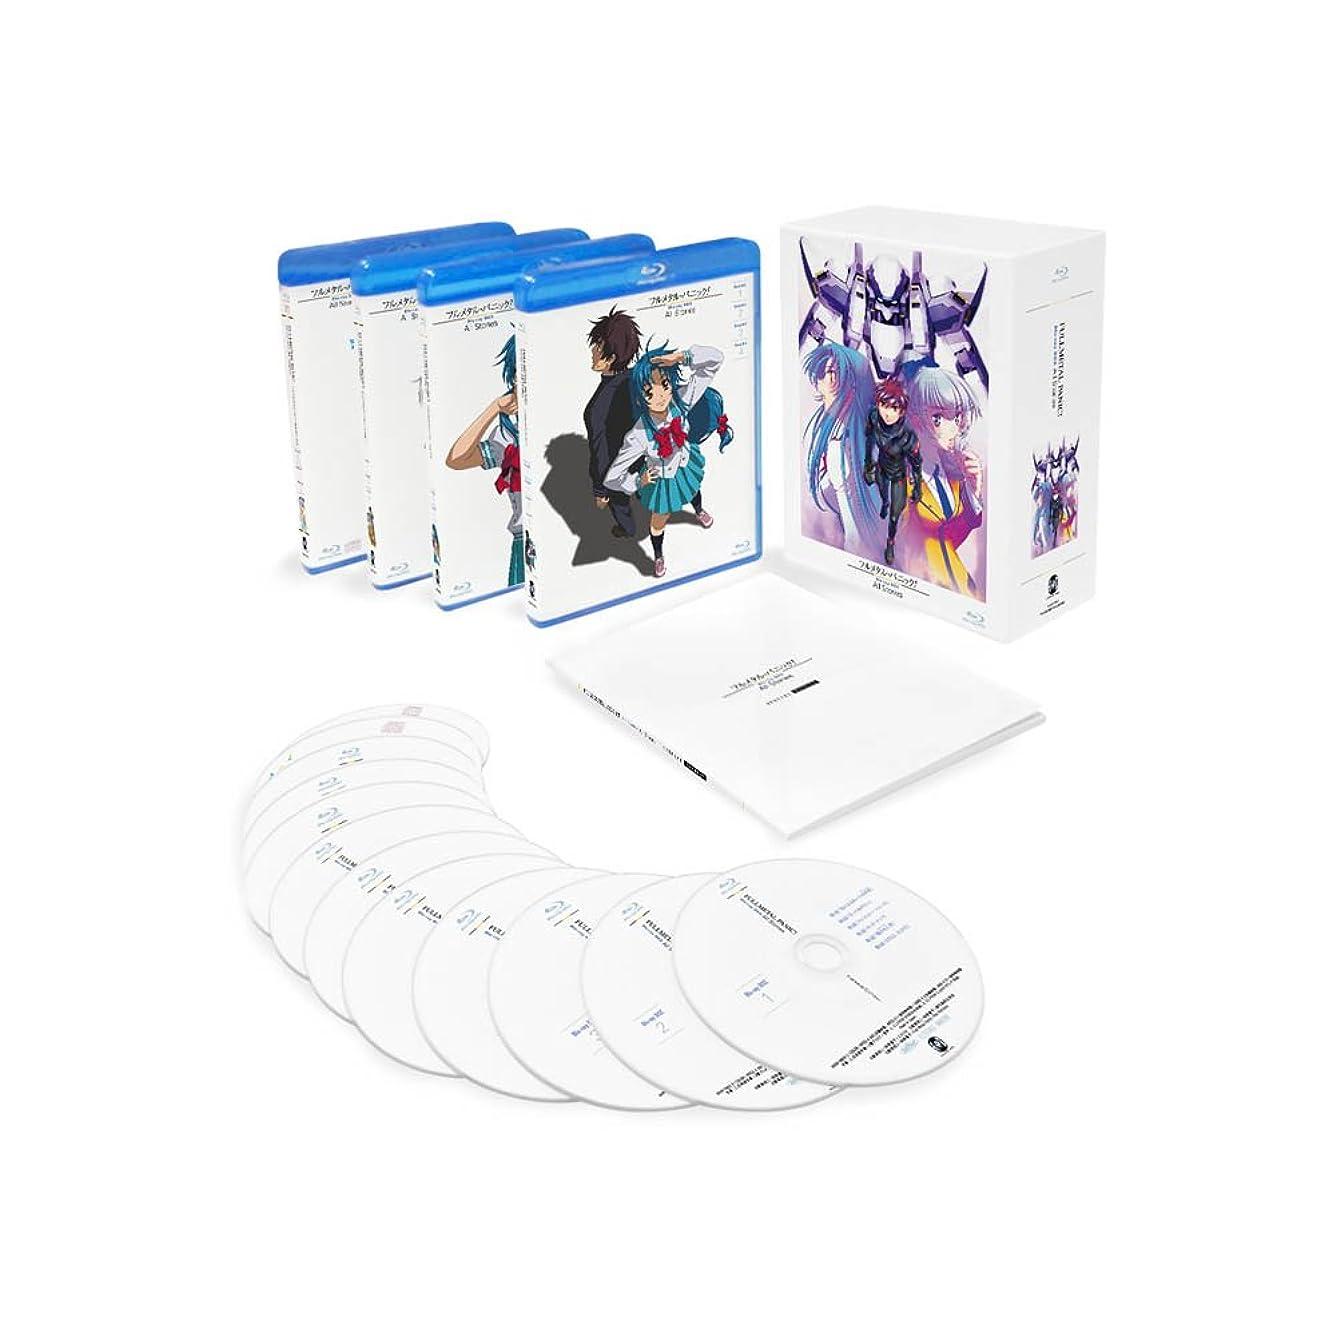 ベンチバズ固めるフルメタル?パニック! Blu-ray BOX All Stories